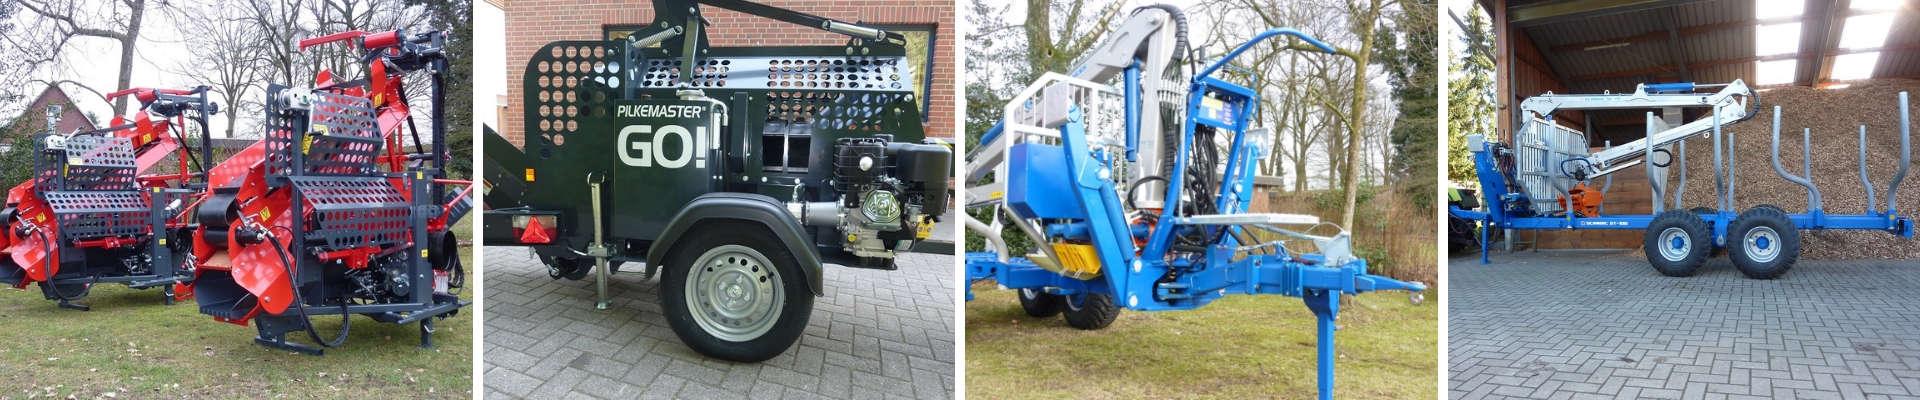 Wir sind Ihr kompetenter Ansprechpartner in Norddeutschland für robuste Rückewagen, Forstkräne und Greifer sowie Sägespaltautomaten für den professionellen Einsatz im Wald.